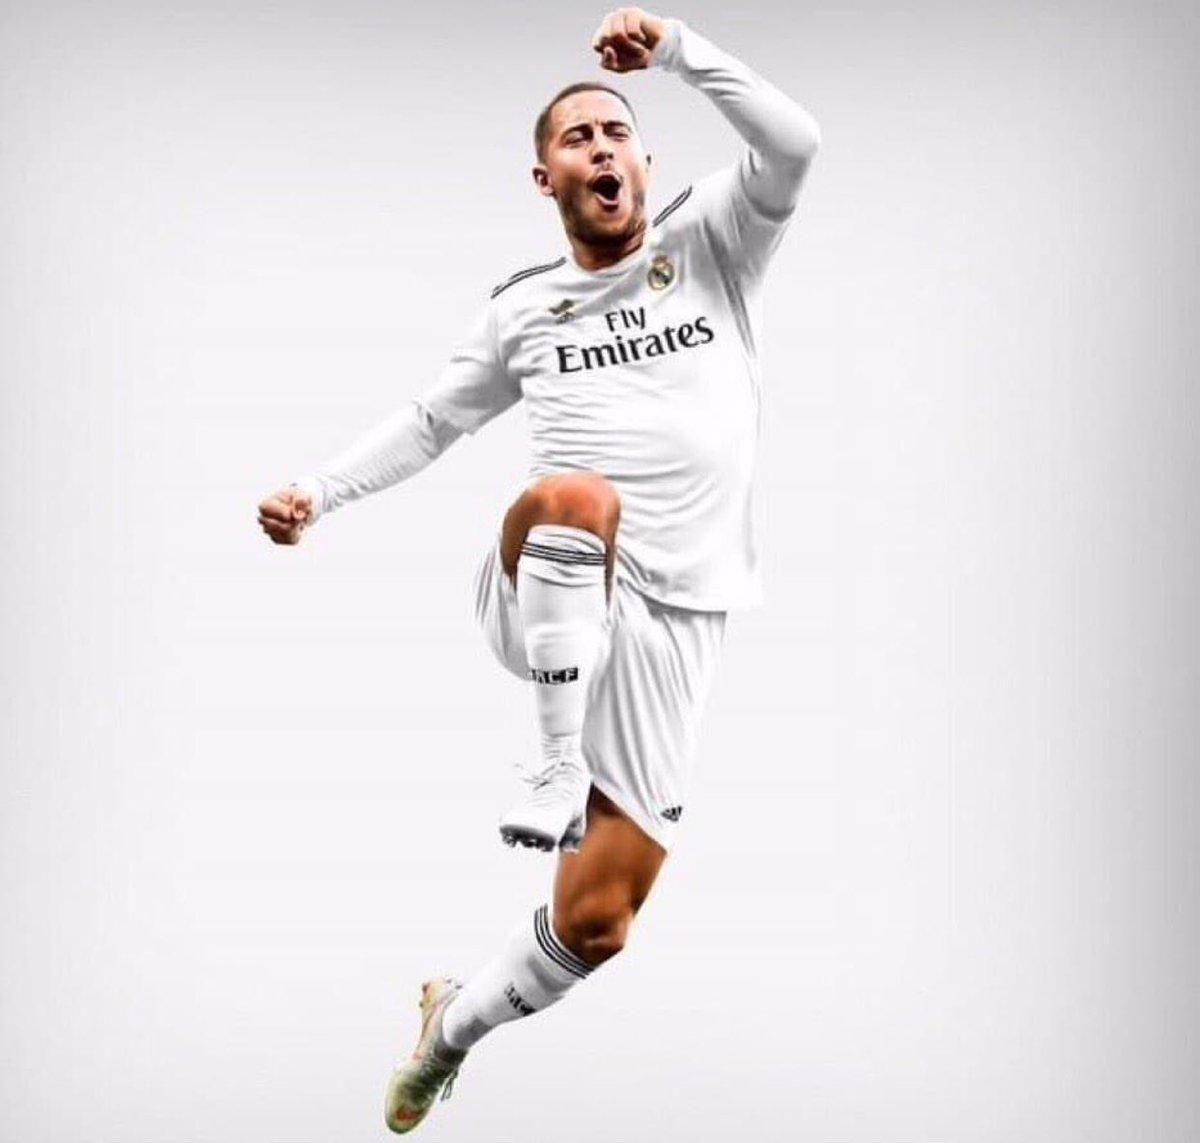 Danh sách cầu thủ Real Madrid mùa giải 2019/2020: Ngôi sao Eden Hazard